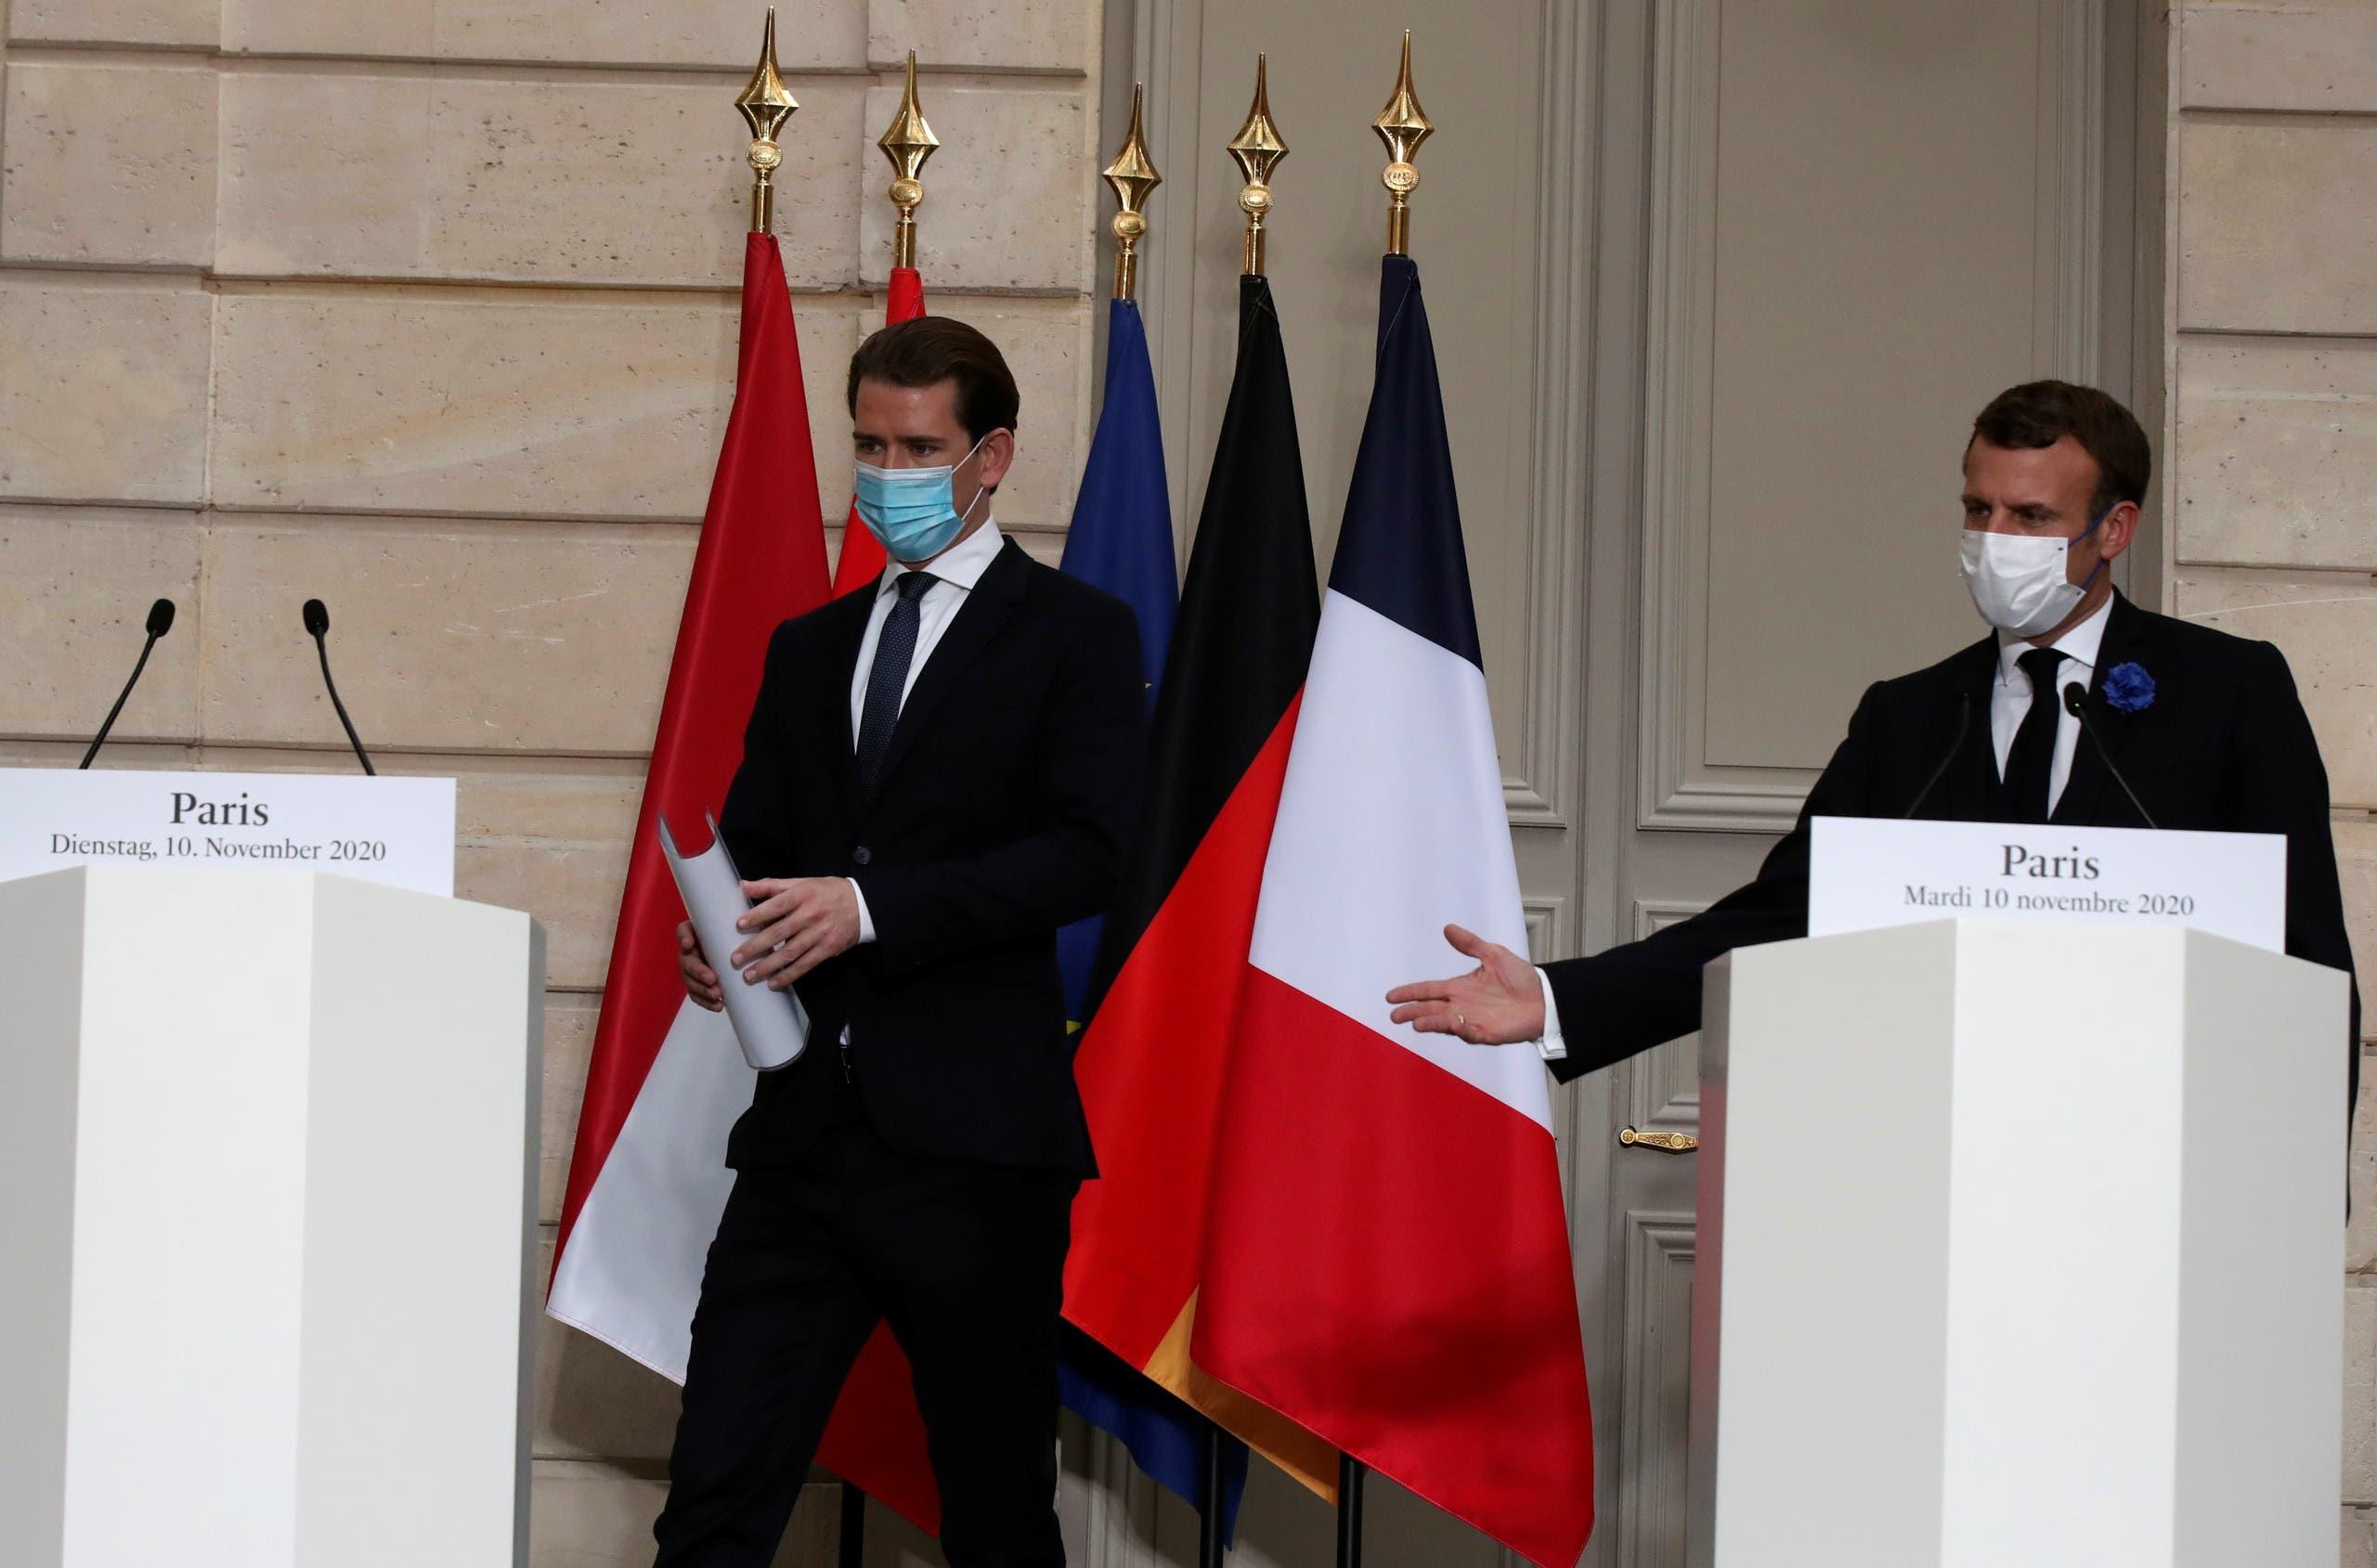 مؤتمر صحافي لإيمانويل ماكرون وسيبستيان كورز بعد القمة